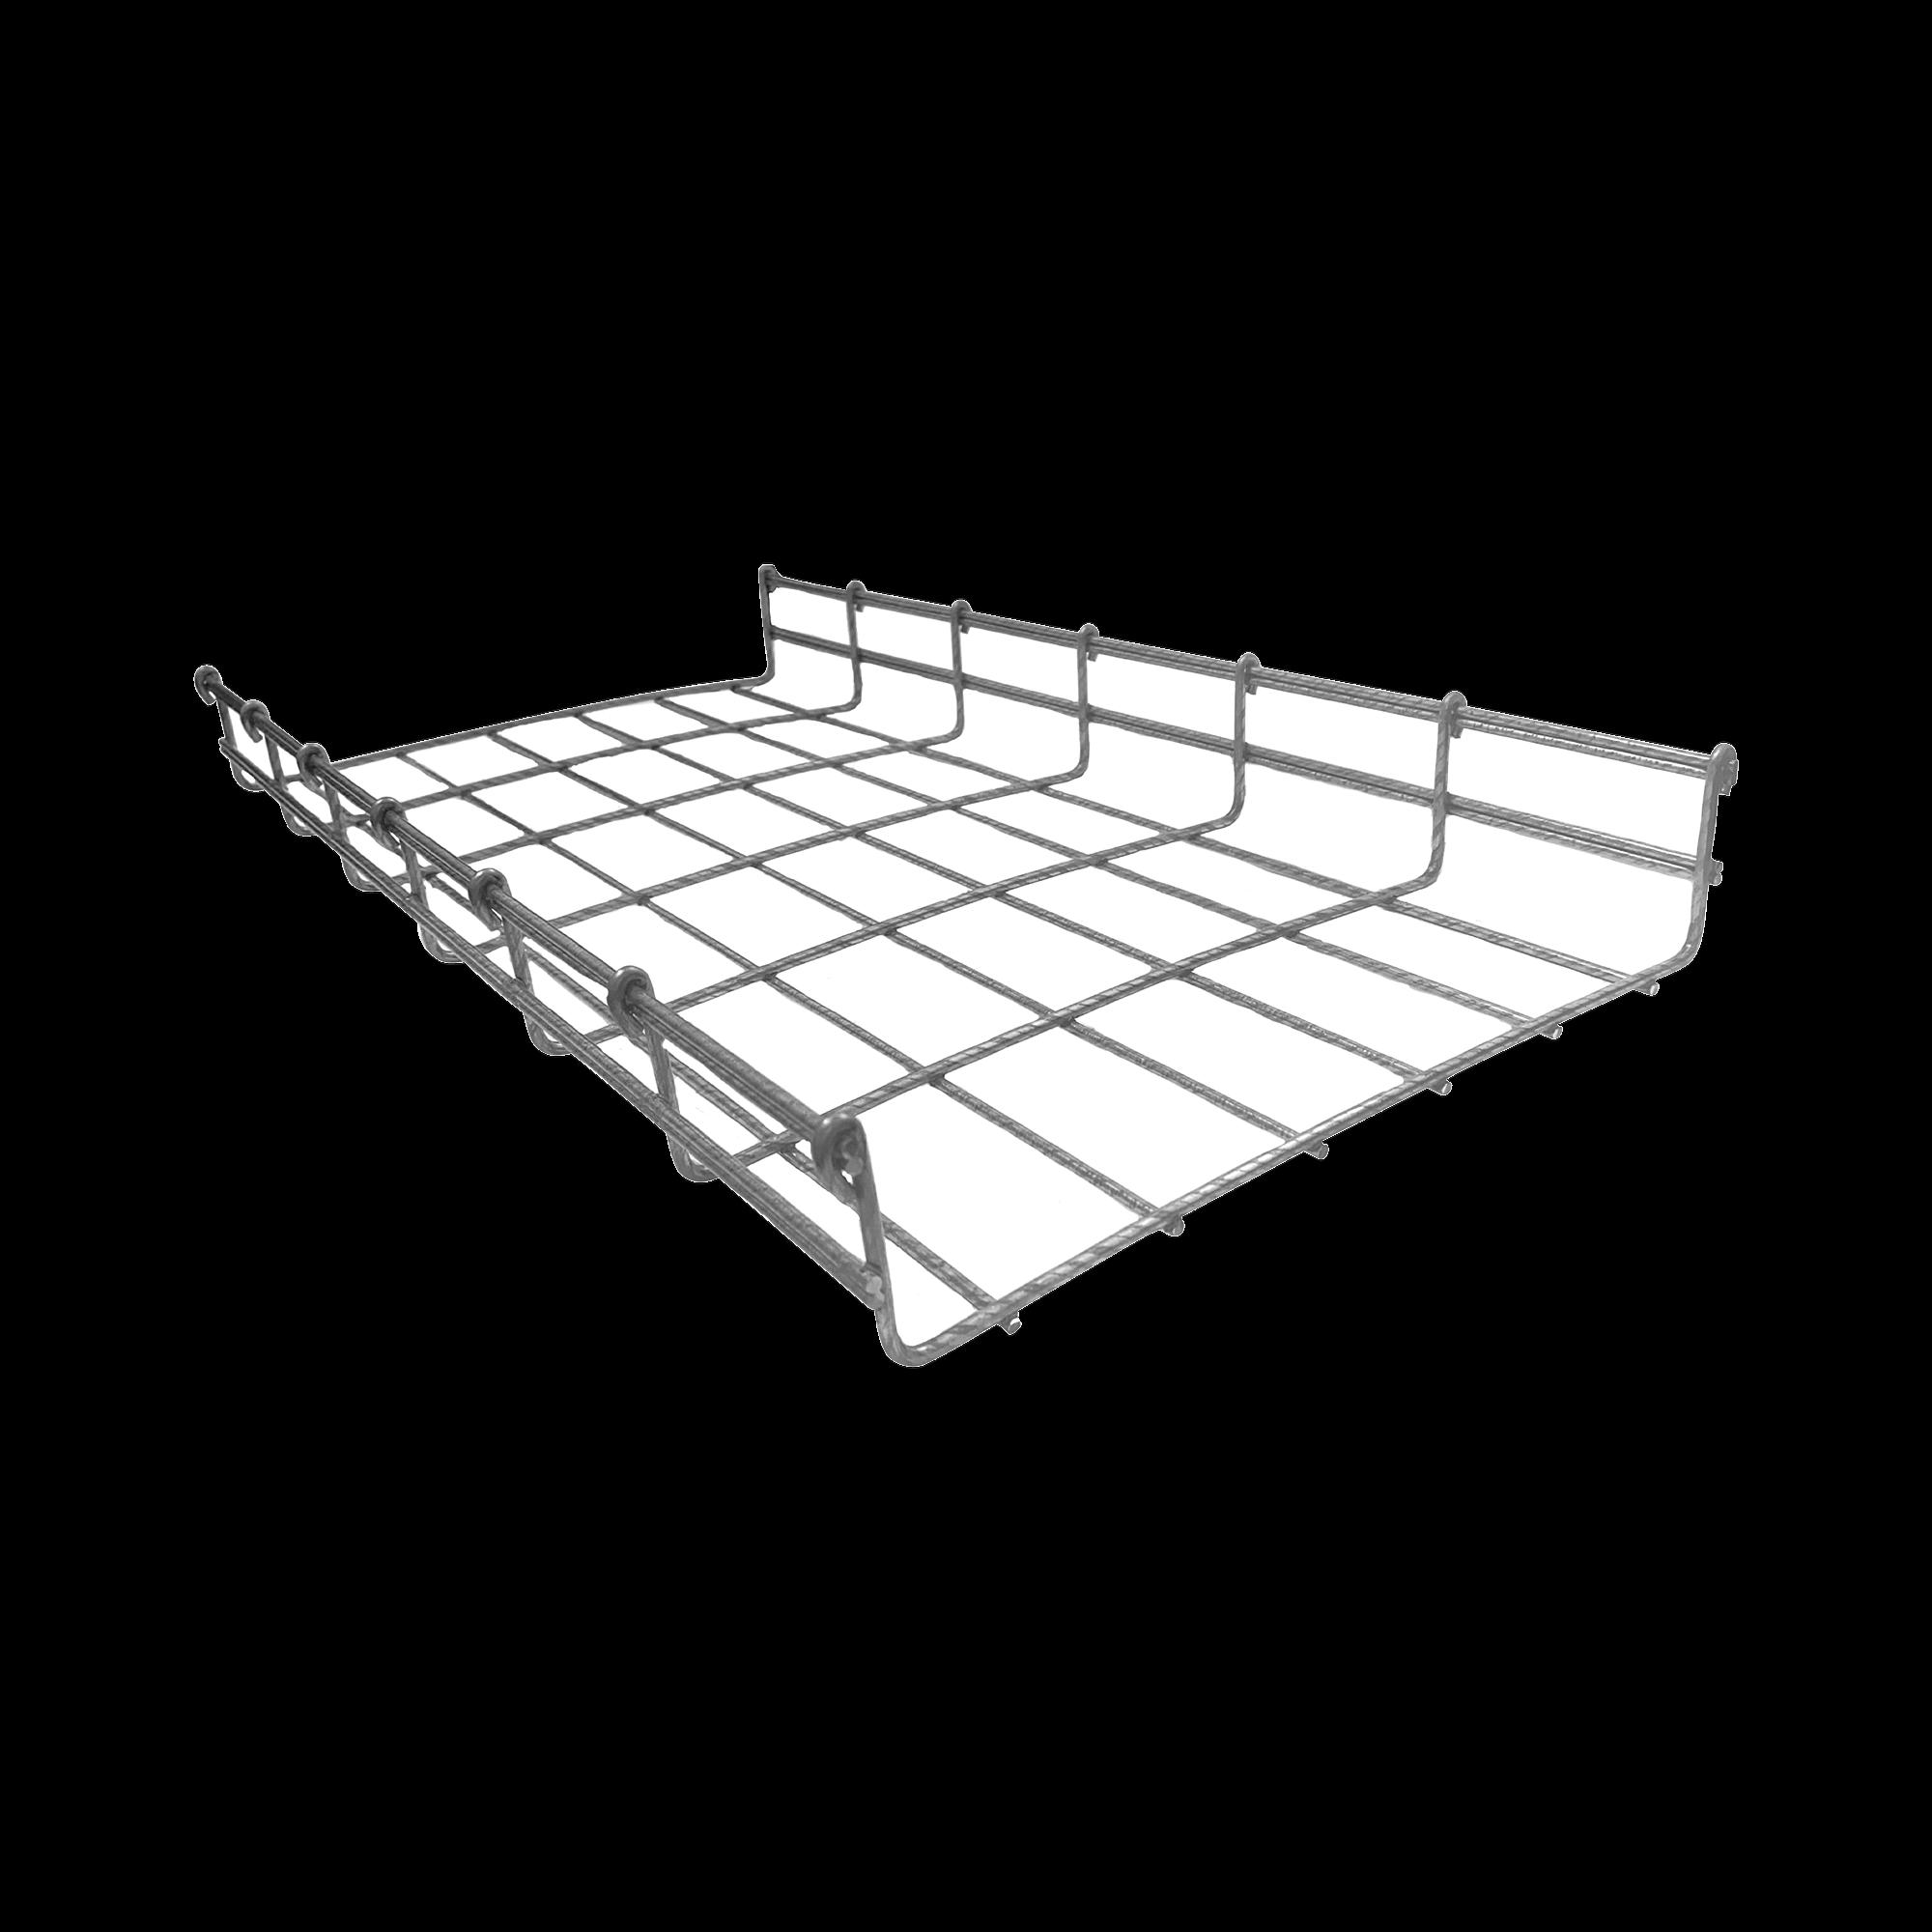 Charola tipo Malla 54/300 mm BIMETáLICA para Instalación en Exterior o Interior, Extrema Resistencia y Durabilidad. Hasta 258 cables Cat6 (Tramo de 3 metros)